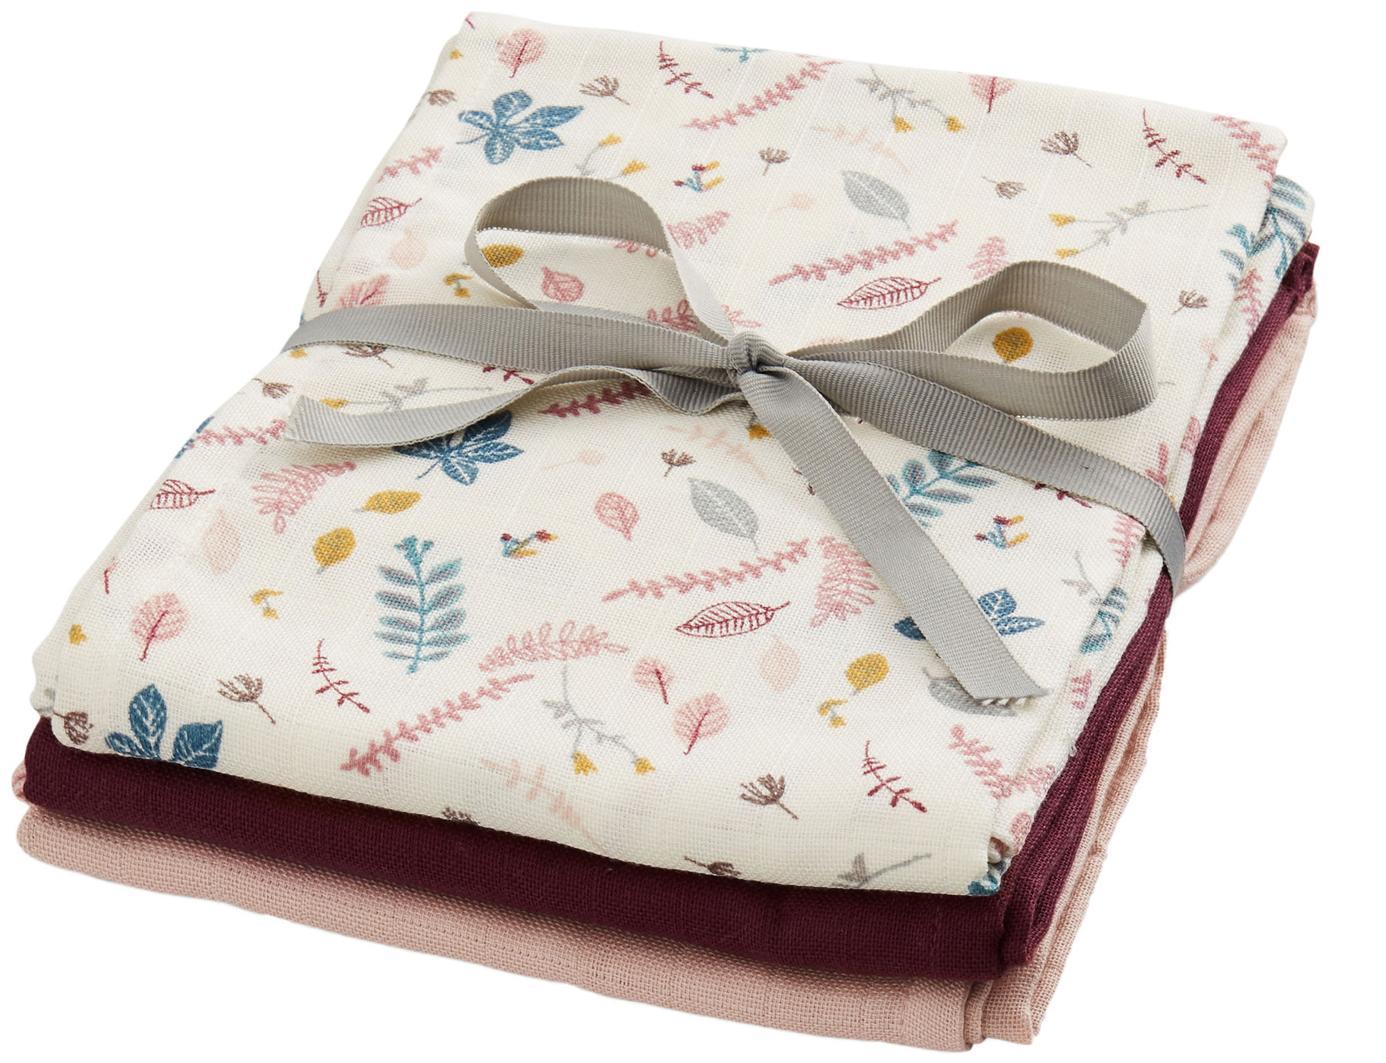 Mulltücher-Set Pressed Leaves aus Bio-Baumwolle, 3-tlg., Bio-Baumwolle, GOTS-zertifiziert, Creme, Rosa, Blau, Grau, Dunkelrot, 70 x 70 cm